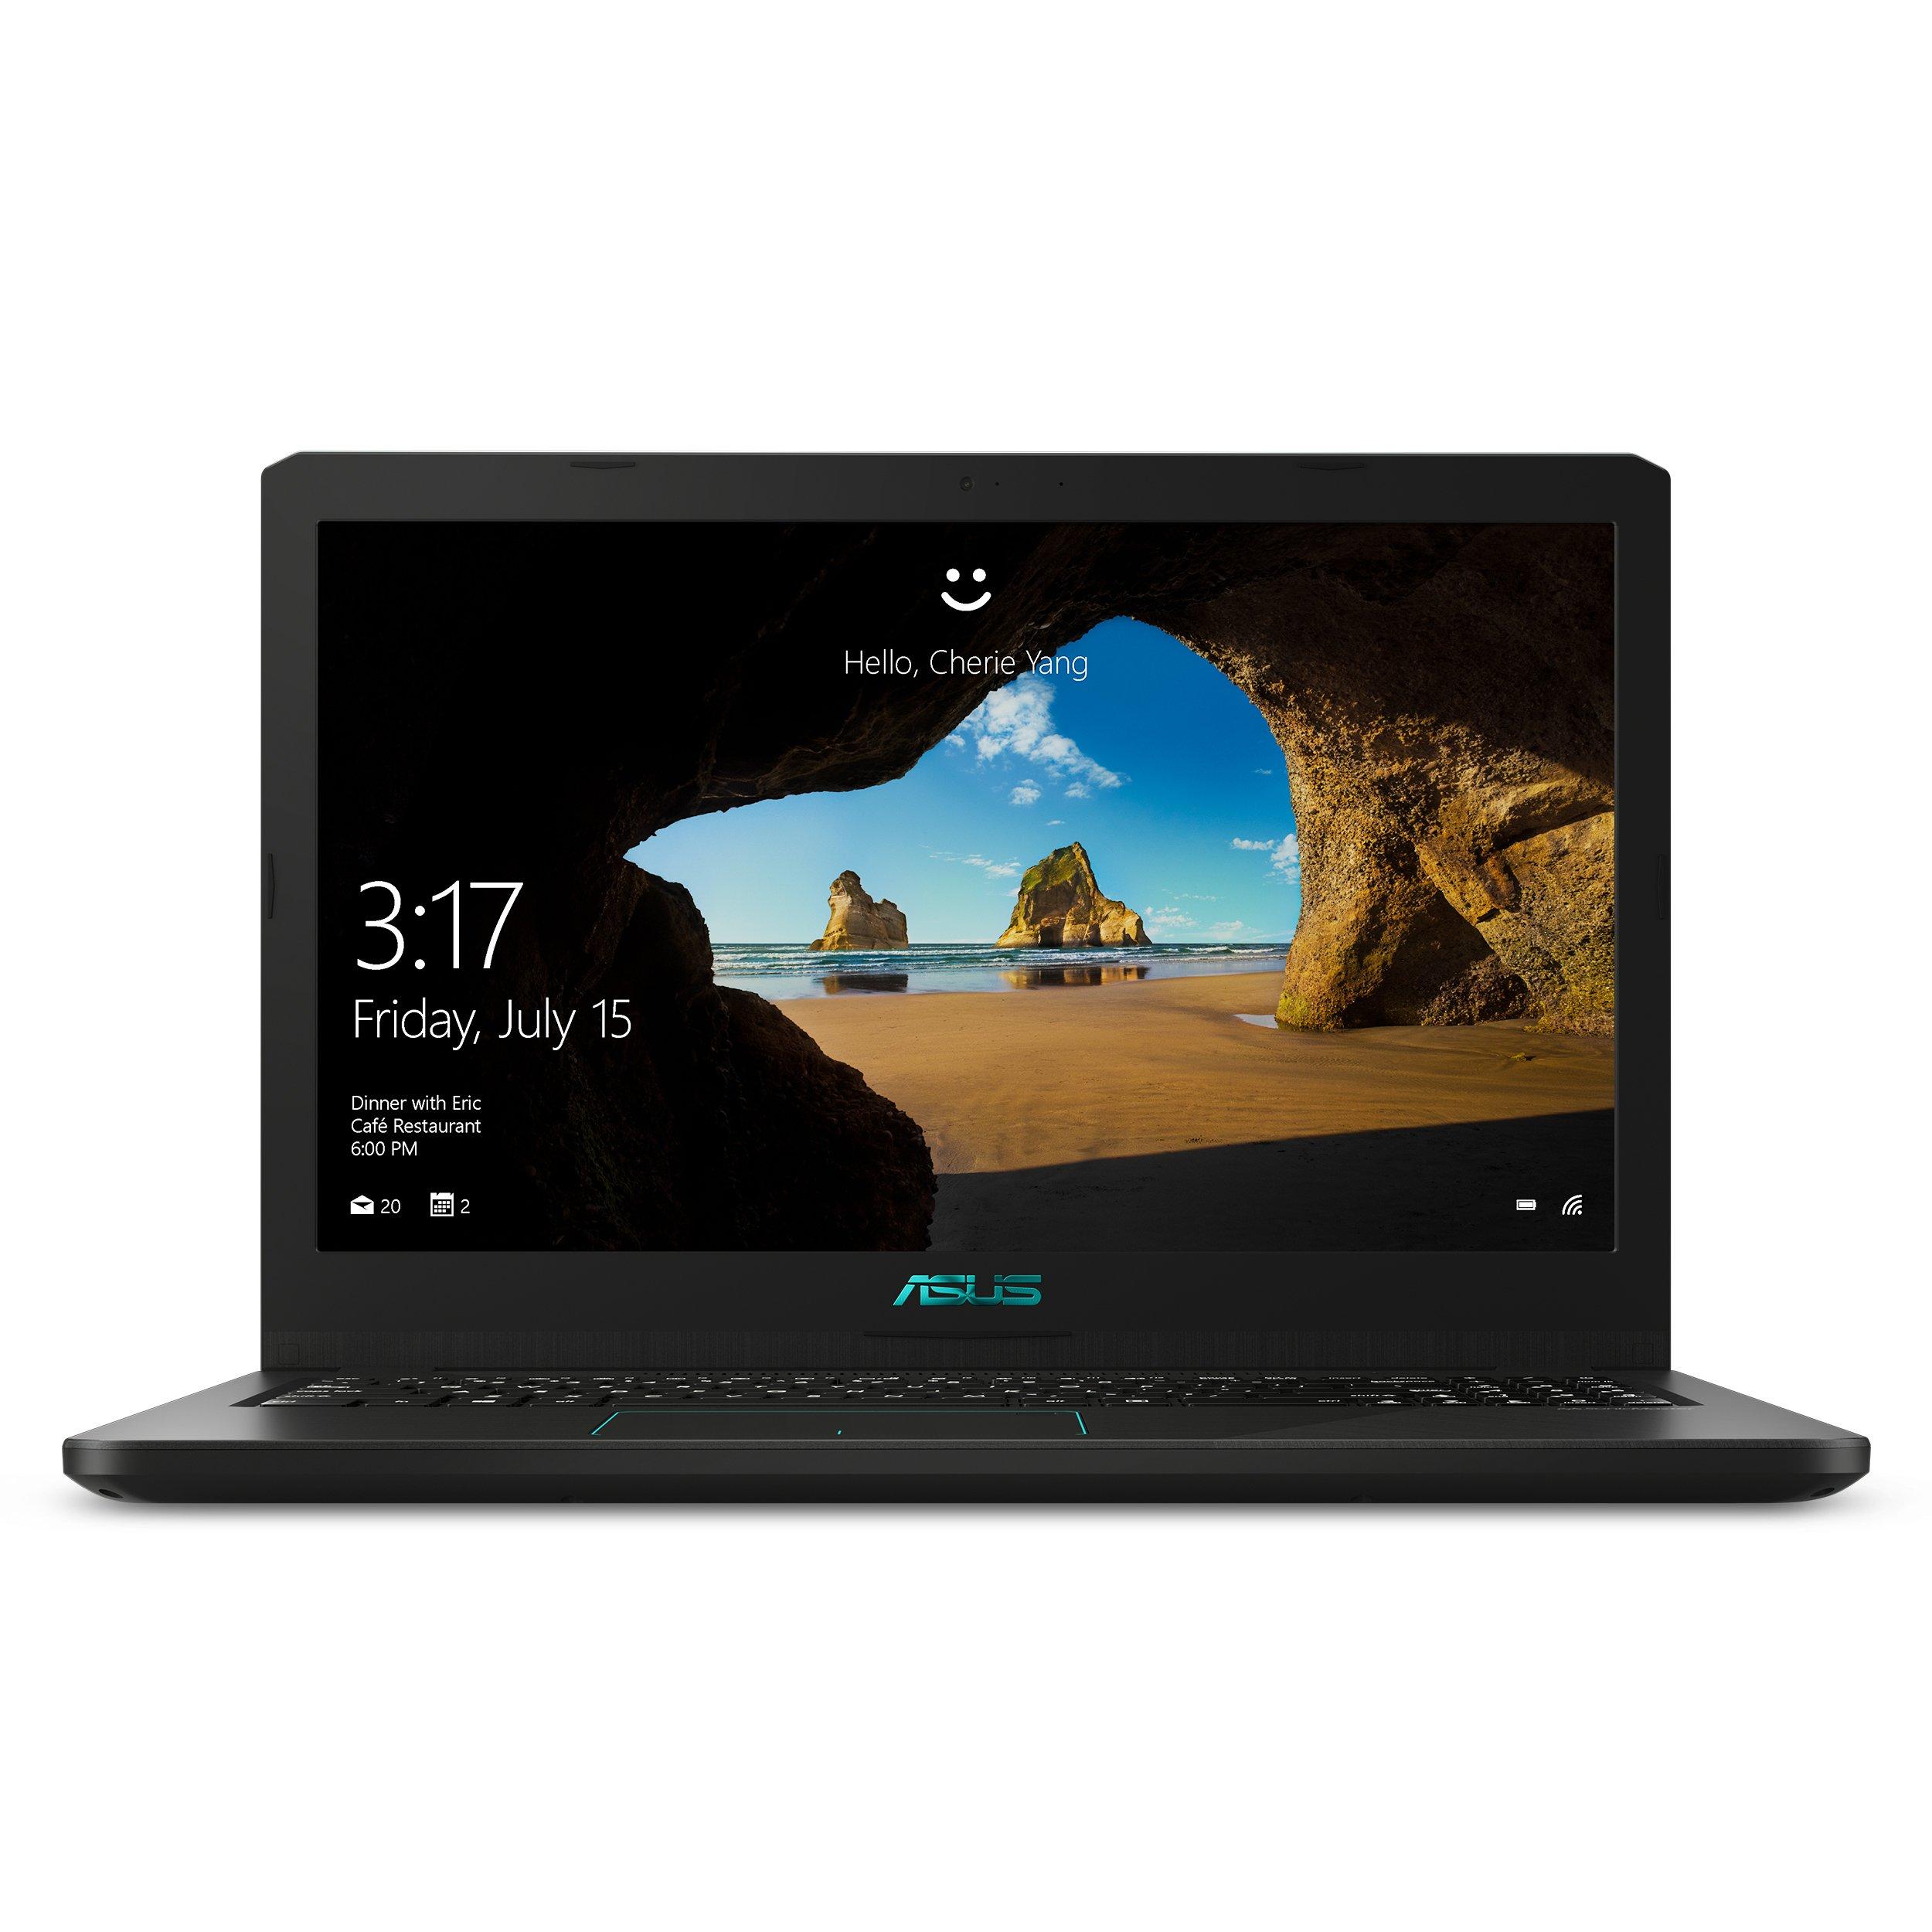 ASUS VivoBook K570U (K570UD-ES54) Intel i5-8250U, NVIDIA GeForceGTX 1050 2GB, 8GB RAM, 256GB SSD, 15.6-in FHD LCD, Win10…